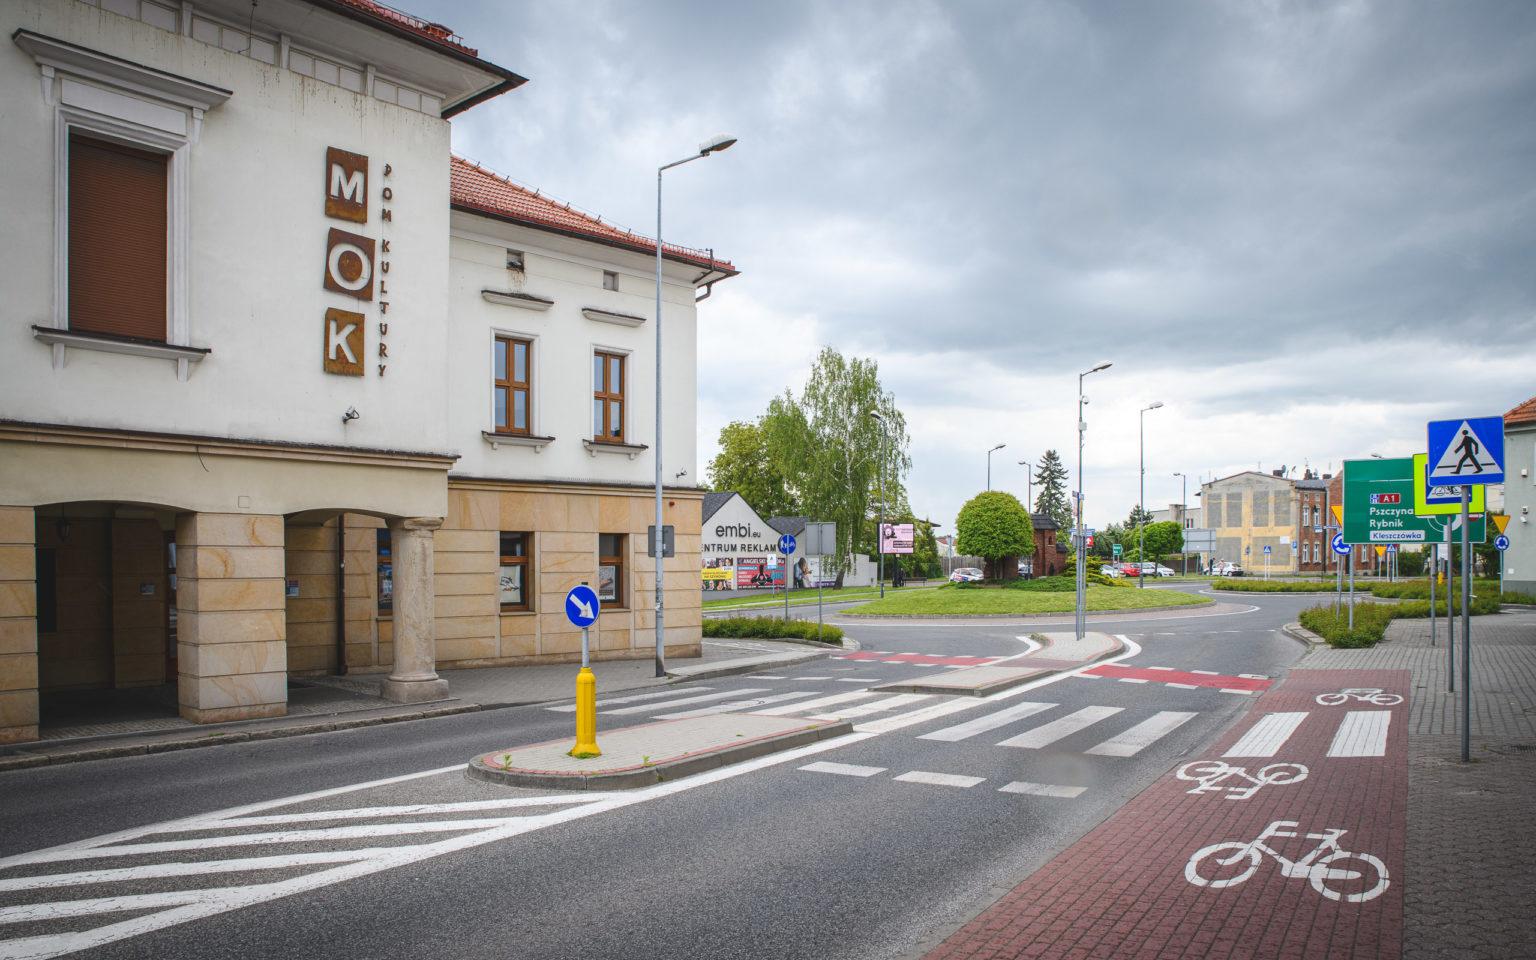 Budynek MOK-u i rondo z Bramą Krakowską